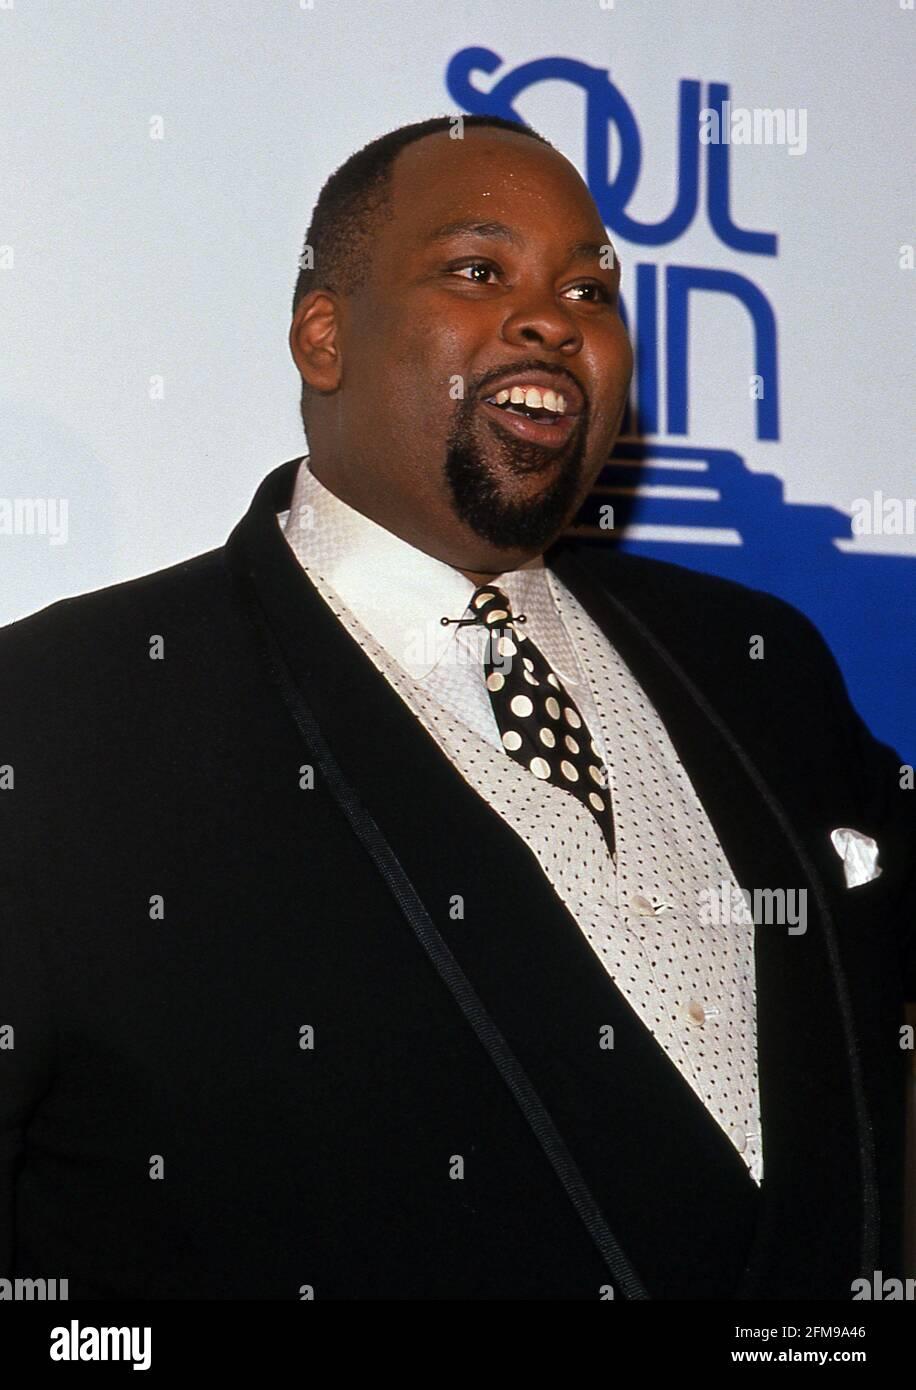 David Peaston au 4e Soul train Music Awards au Shrine Auditorium de Los Angeles, Californie 14 mars 1990 crédit : Ralph Dominguez/MediaPunch Banque D'Images